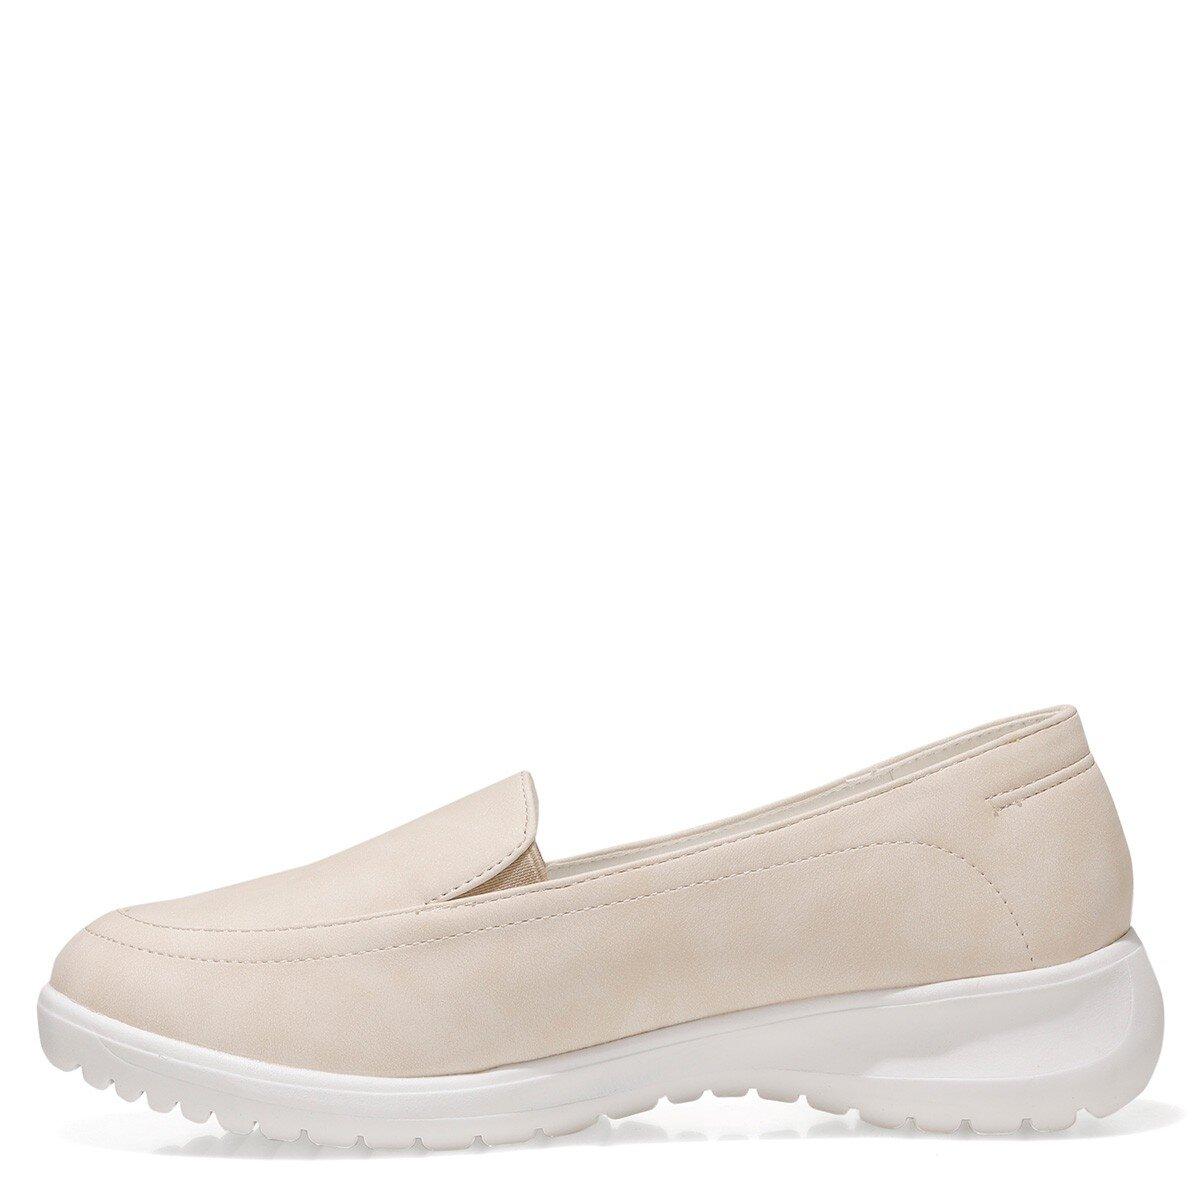 ISLA 1FX Bej Kadın Loafer Ayakkabı